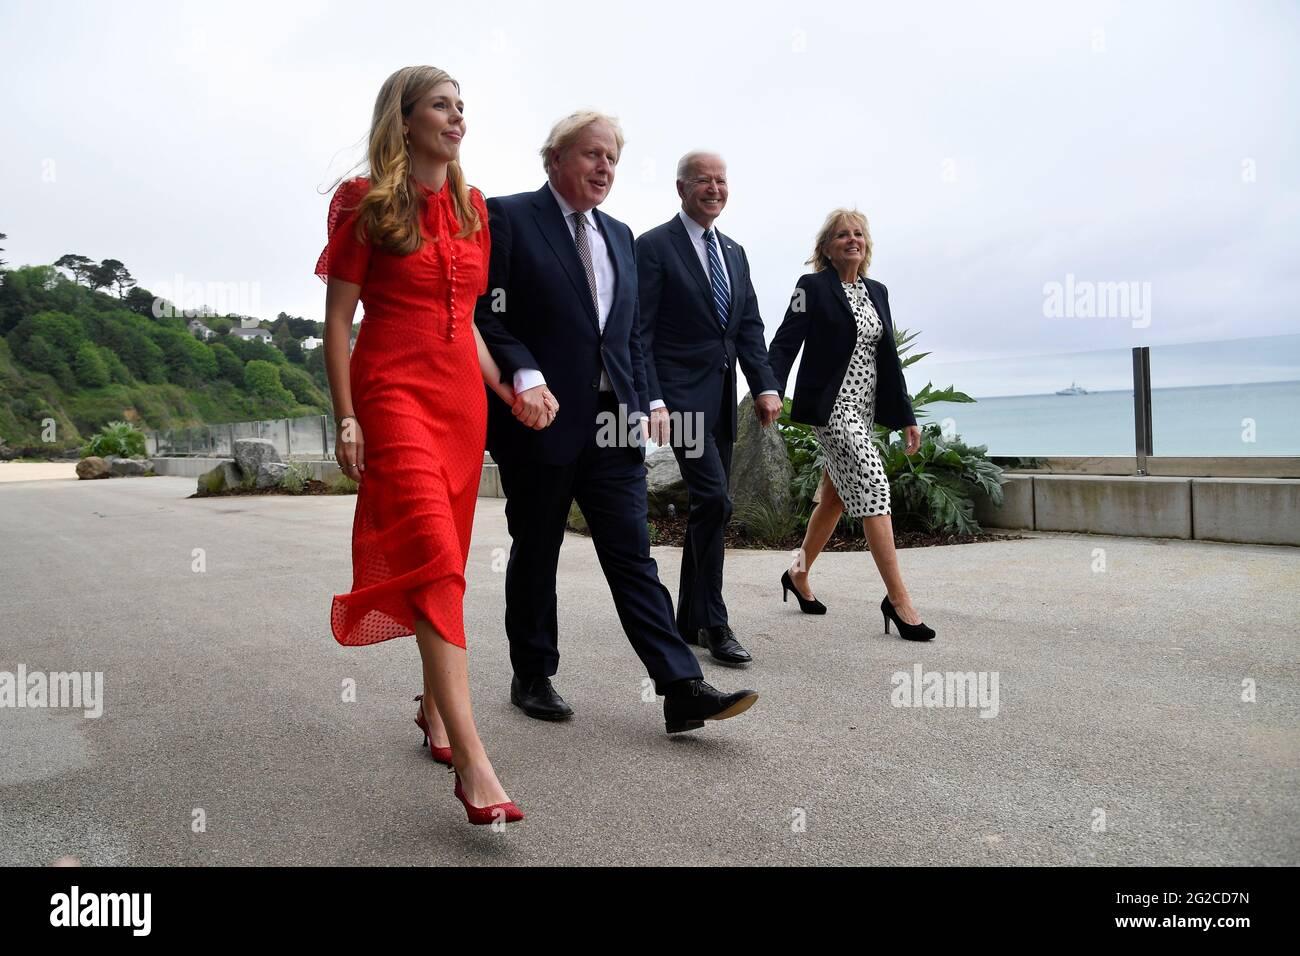 (Da sinistra a destra) Carrie Johnson, primo ministro Boris Johnson, presidente degli Stati Uniti Joe Biden e prima signora Jill Biden camminano fuori Carbis Bay Hotel, Carbis Bay, Cornovaglia, davanti alla vetta G7 in Cornovaglia. Data immagine: Giovedì 10 giugno 2021. Foto Stock